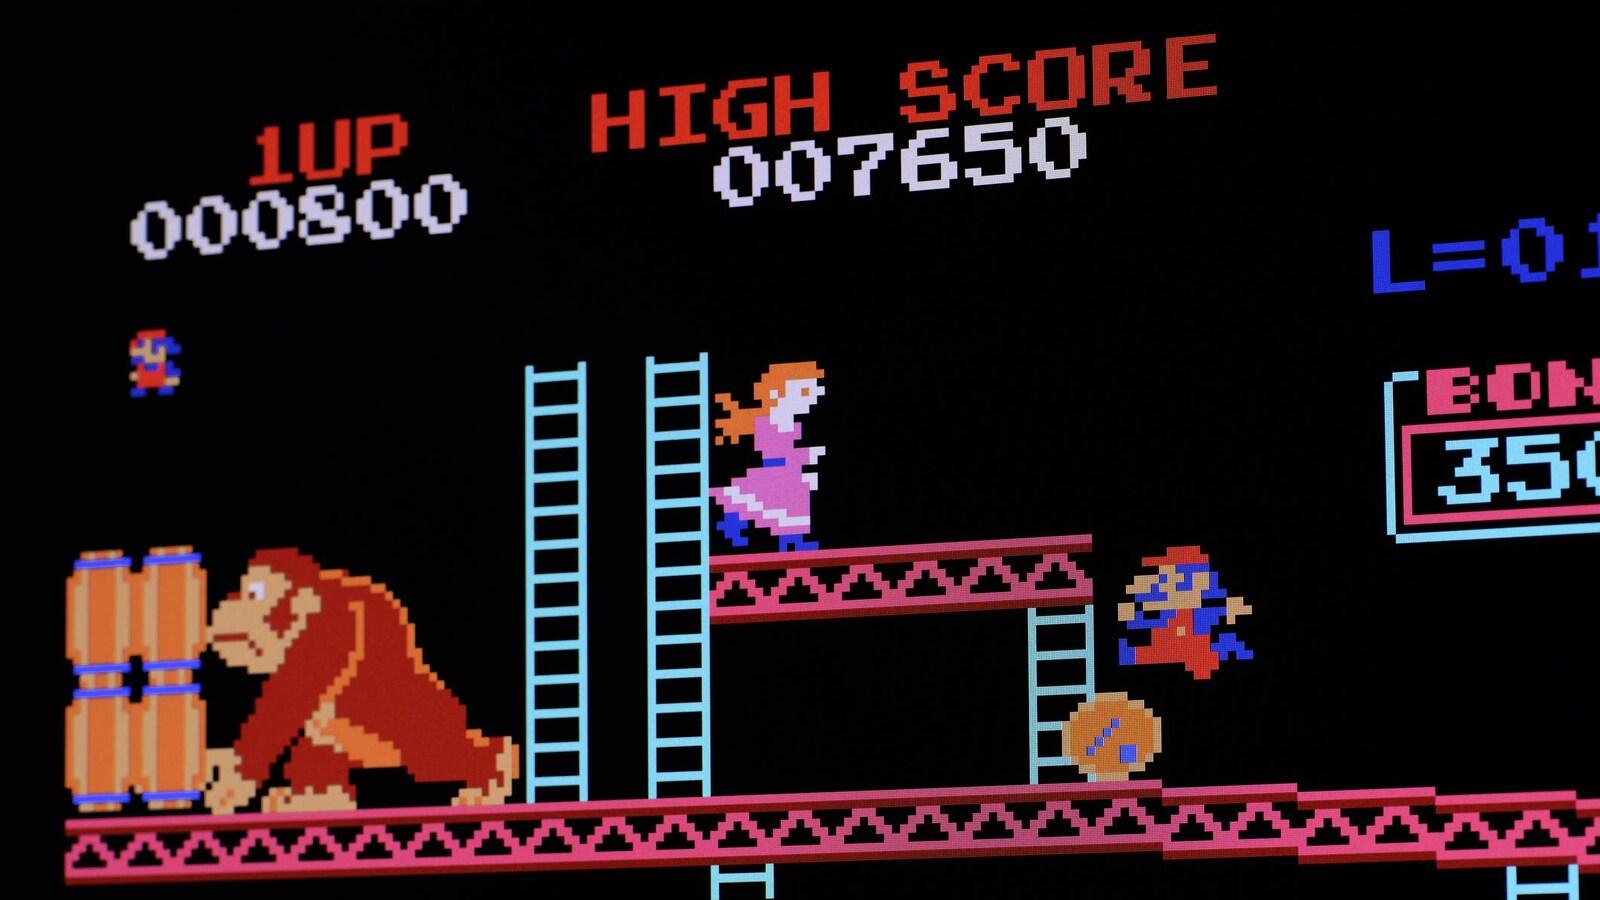 Une capture d'écran du jeu vidéo d'arcade Donkey Kong montrant un gorille en train d'attraper un baril de bois dans une pile, pendant que le personnage de Mario saute par dessus un autre baril. Un personnage féminin habillé d'une robe rose regarde vers Mario du haut d'une plate-forme.